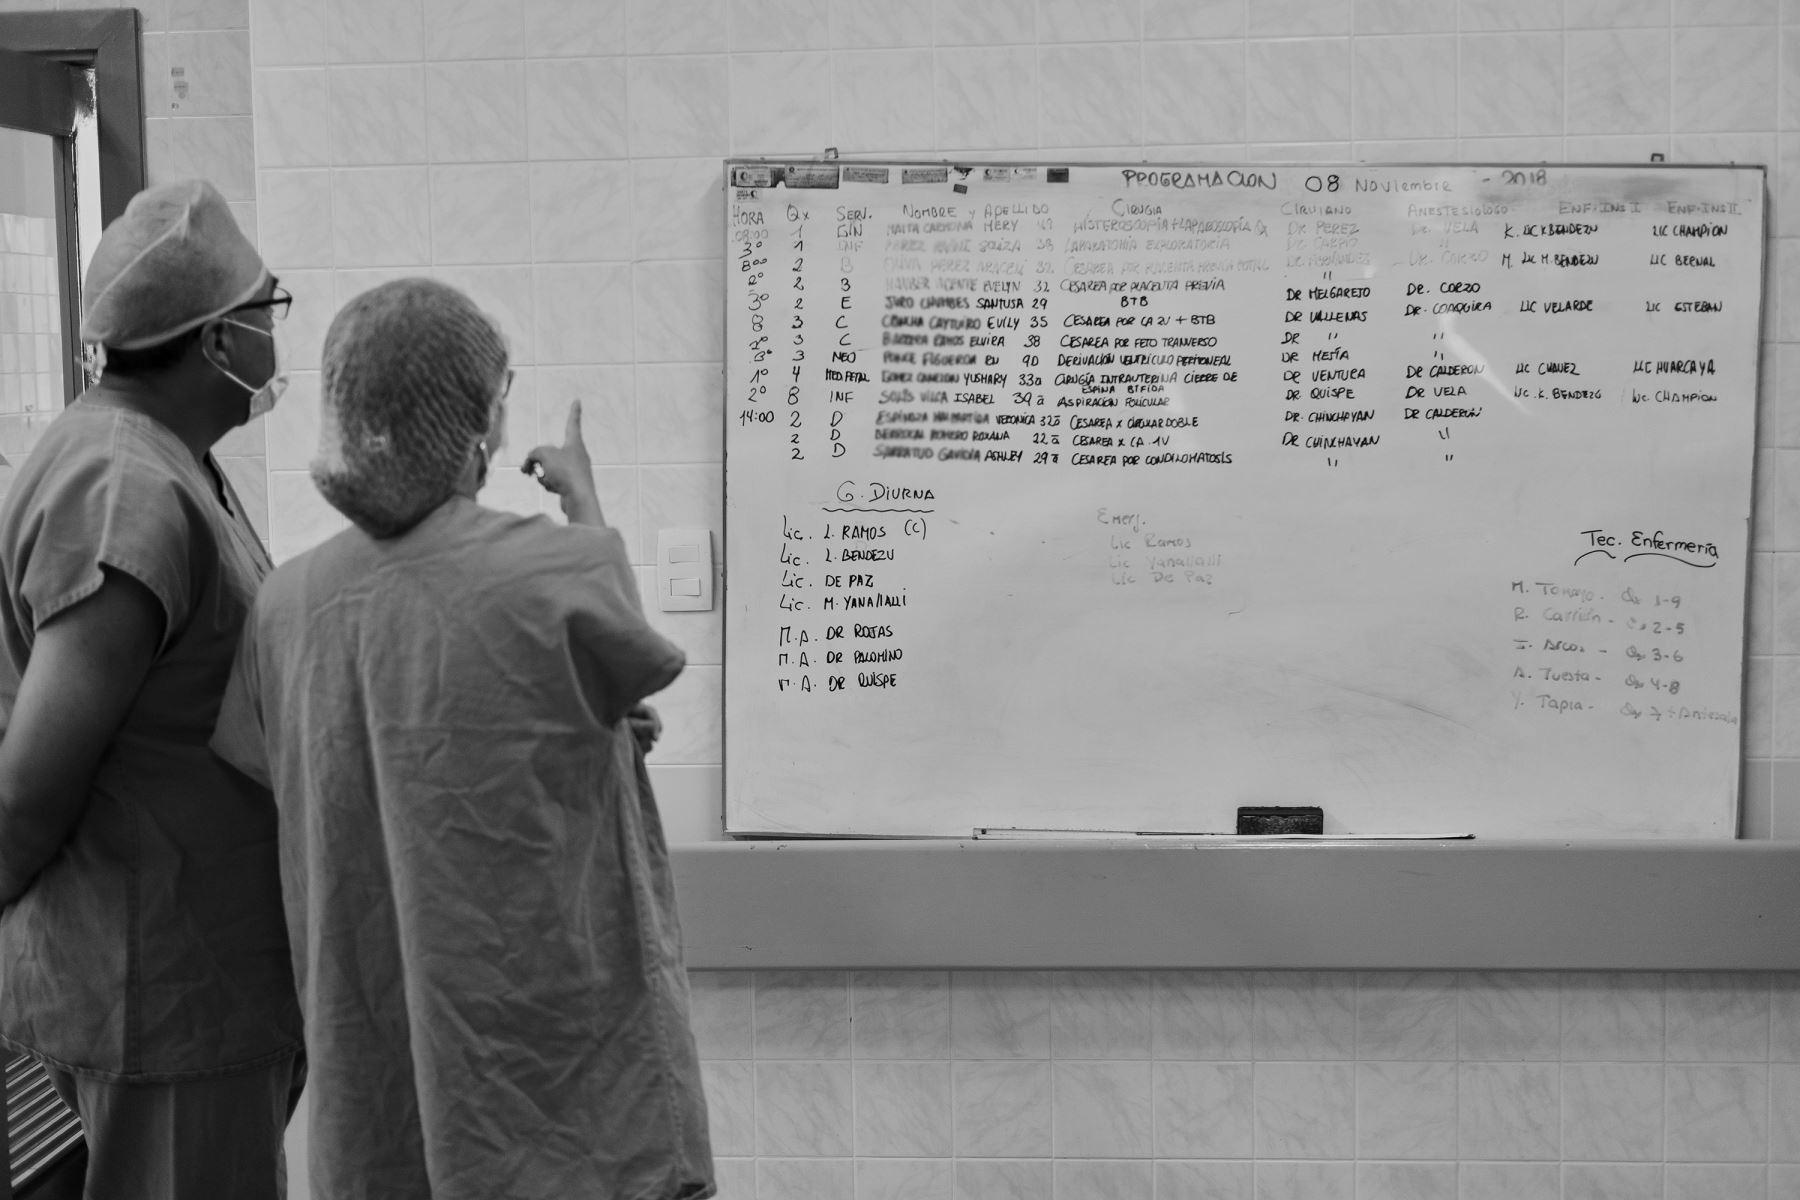 En una pared del pasillo que lleva a los quirófanos cuelga una pizarra con datos: nombre de las pacientes, hora de la operación, número de sala y nombre del médico principal. Operar a un ser humano que aún no nace es un desafío para los médicos del Instituto Nacional Materno Perinatal (INMP). Un equipo de médicos protagoniza una cirugía que tiene como propósito corregir problemas congénitos de un ser humano que aún se encuentra en pleno desarrollo en el vientre de su madre. Foto: Ministerio de Salud / Miguel Mejía